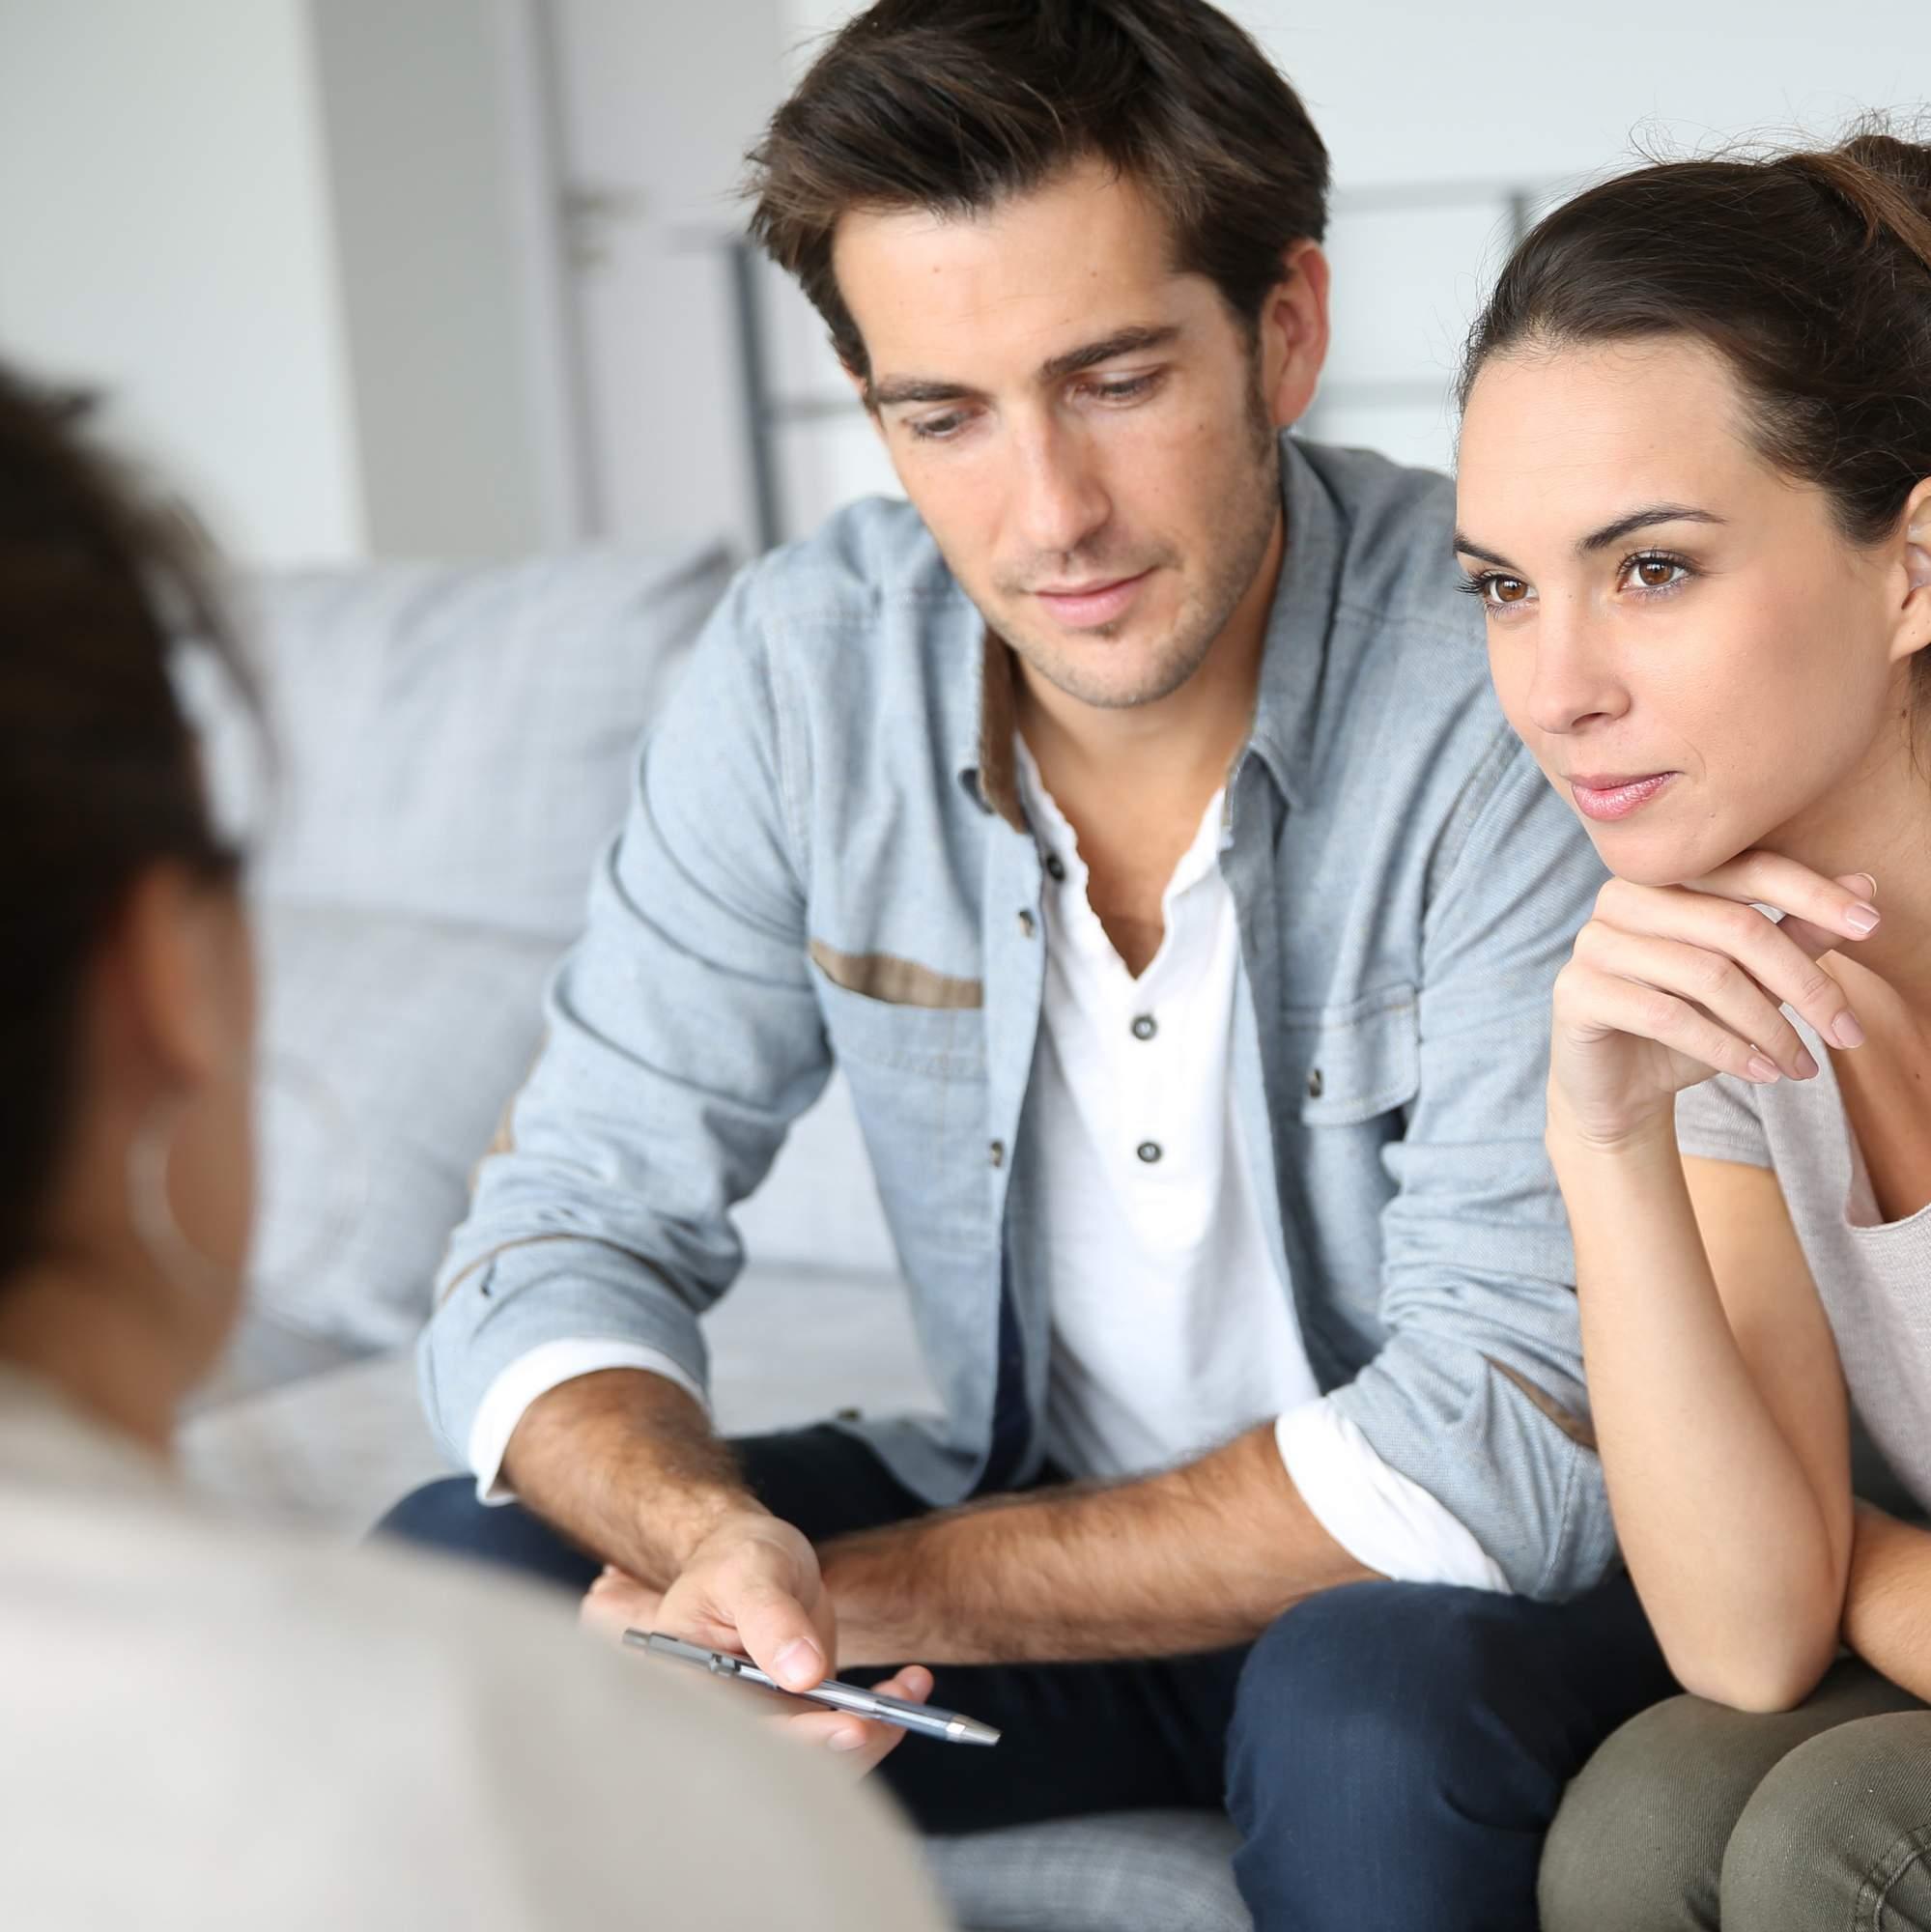 Vente appartement : Pourquoi faire appel à une agence immobilière ?